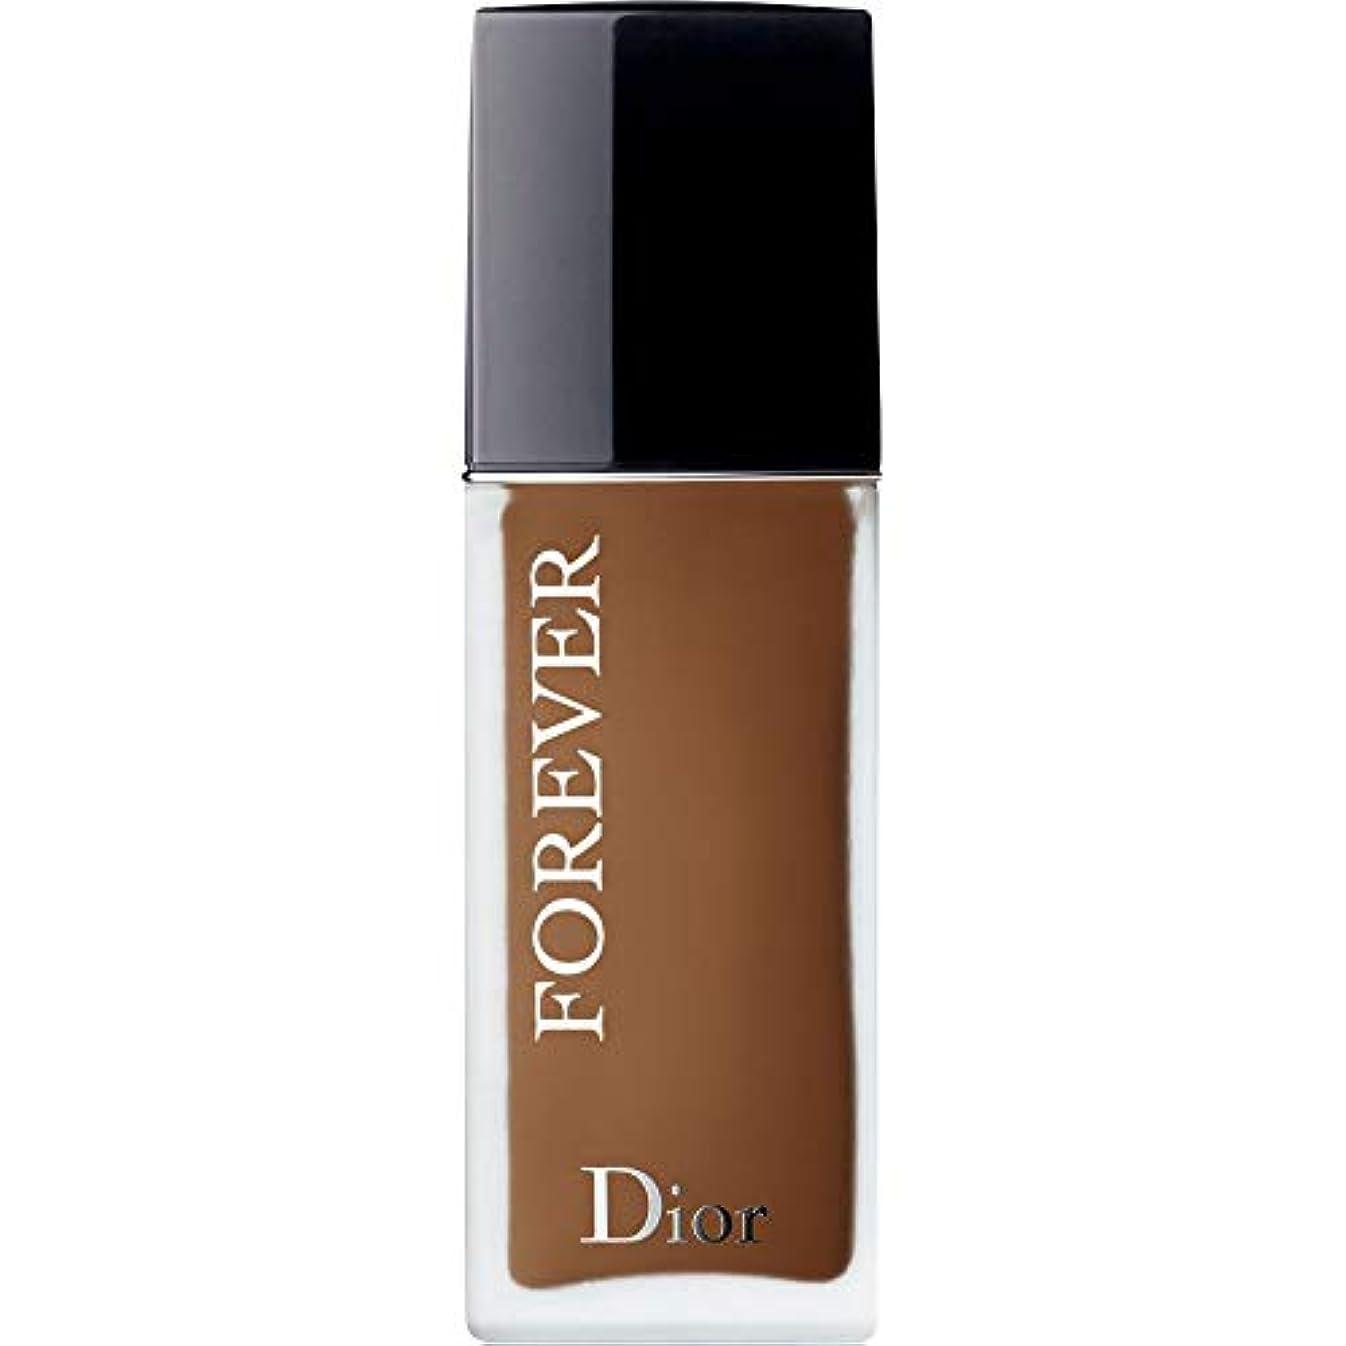 貸し手ビリー魔術師[Dior ] ディオール永遠皮膚思いやりの基盤Spf35 30ミリリットルの7.5N - ニュートラル(つや消し) - DIOR Forever Skin-Caring Foundation SPF35 30ml 7.5N - Neutral (Matte) [並行輸入品]